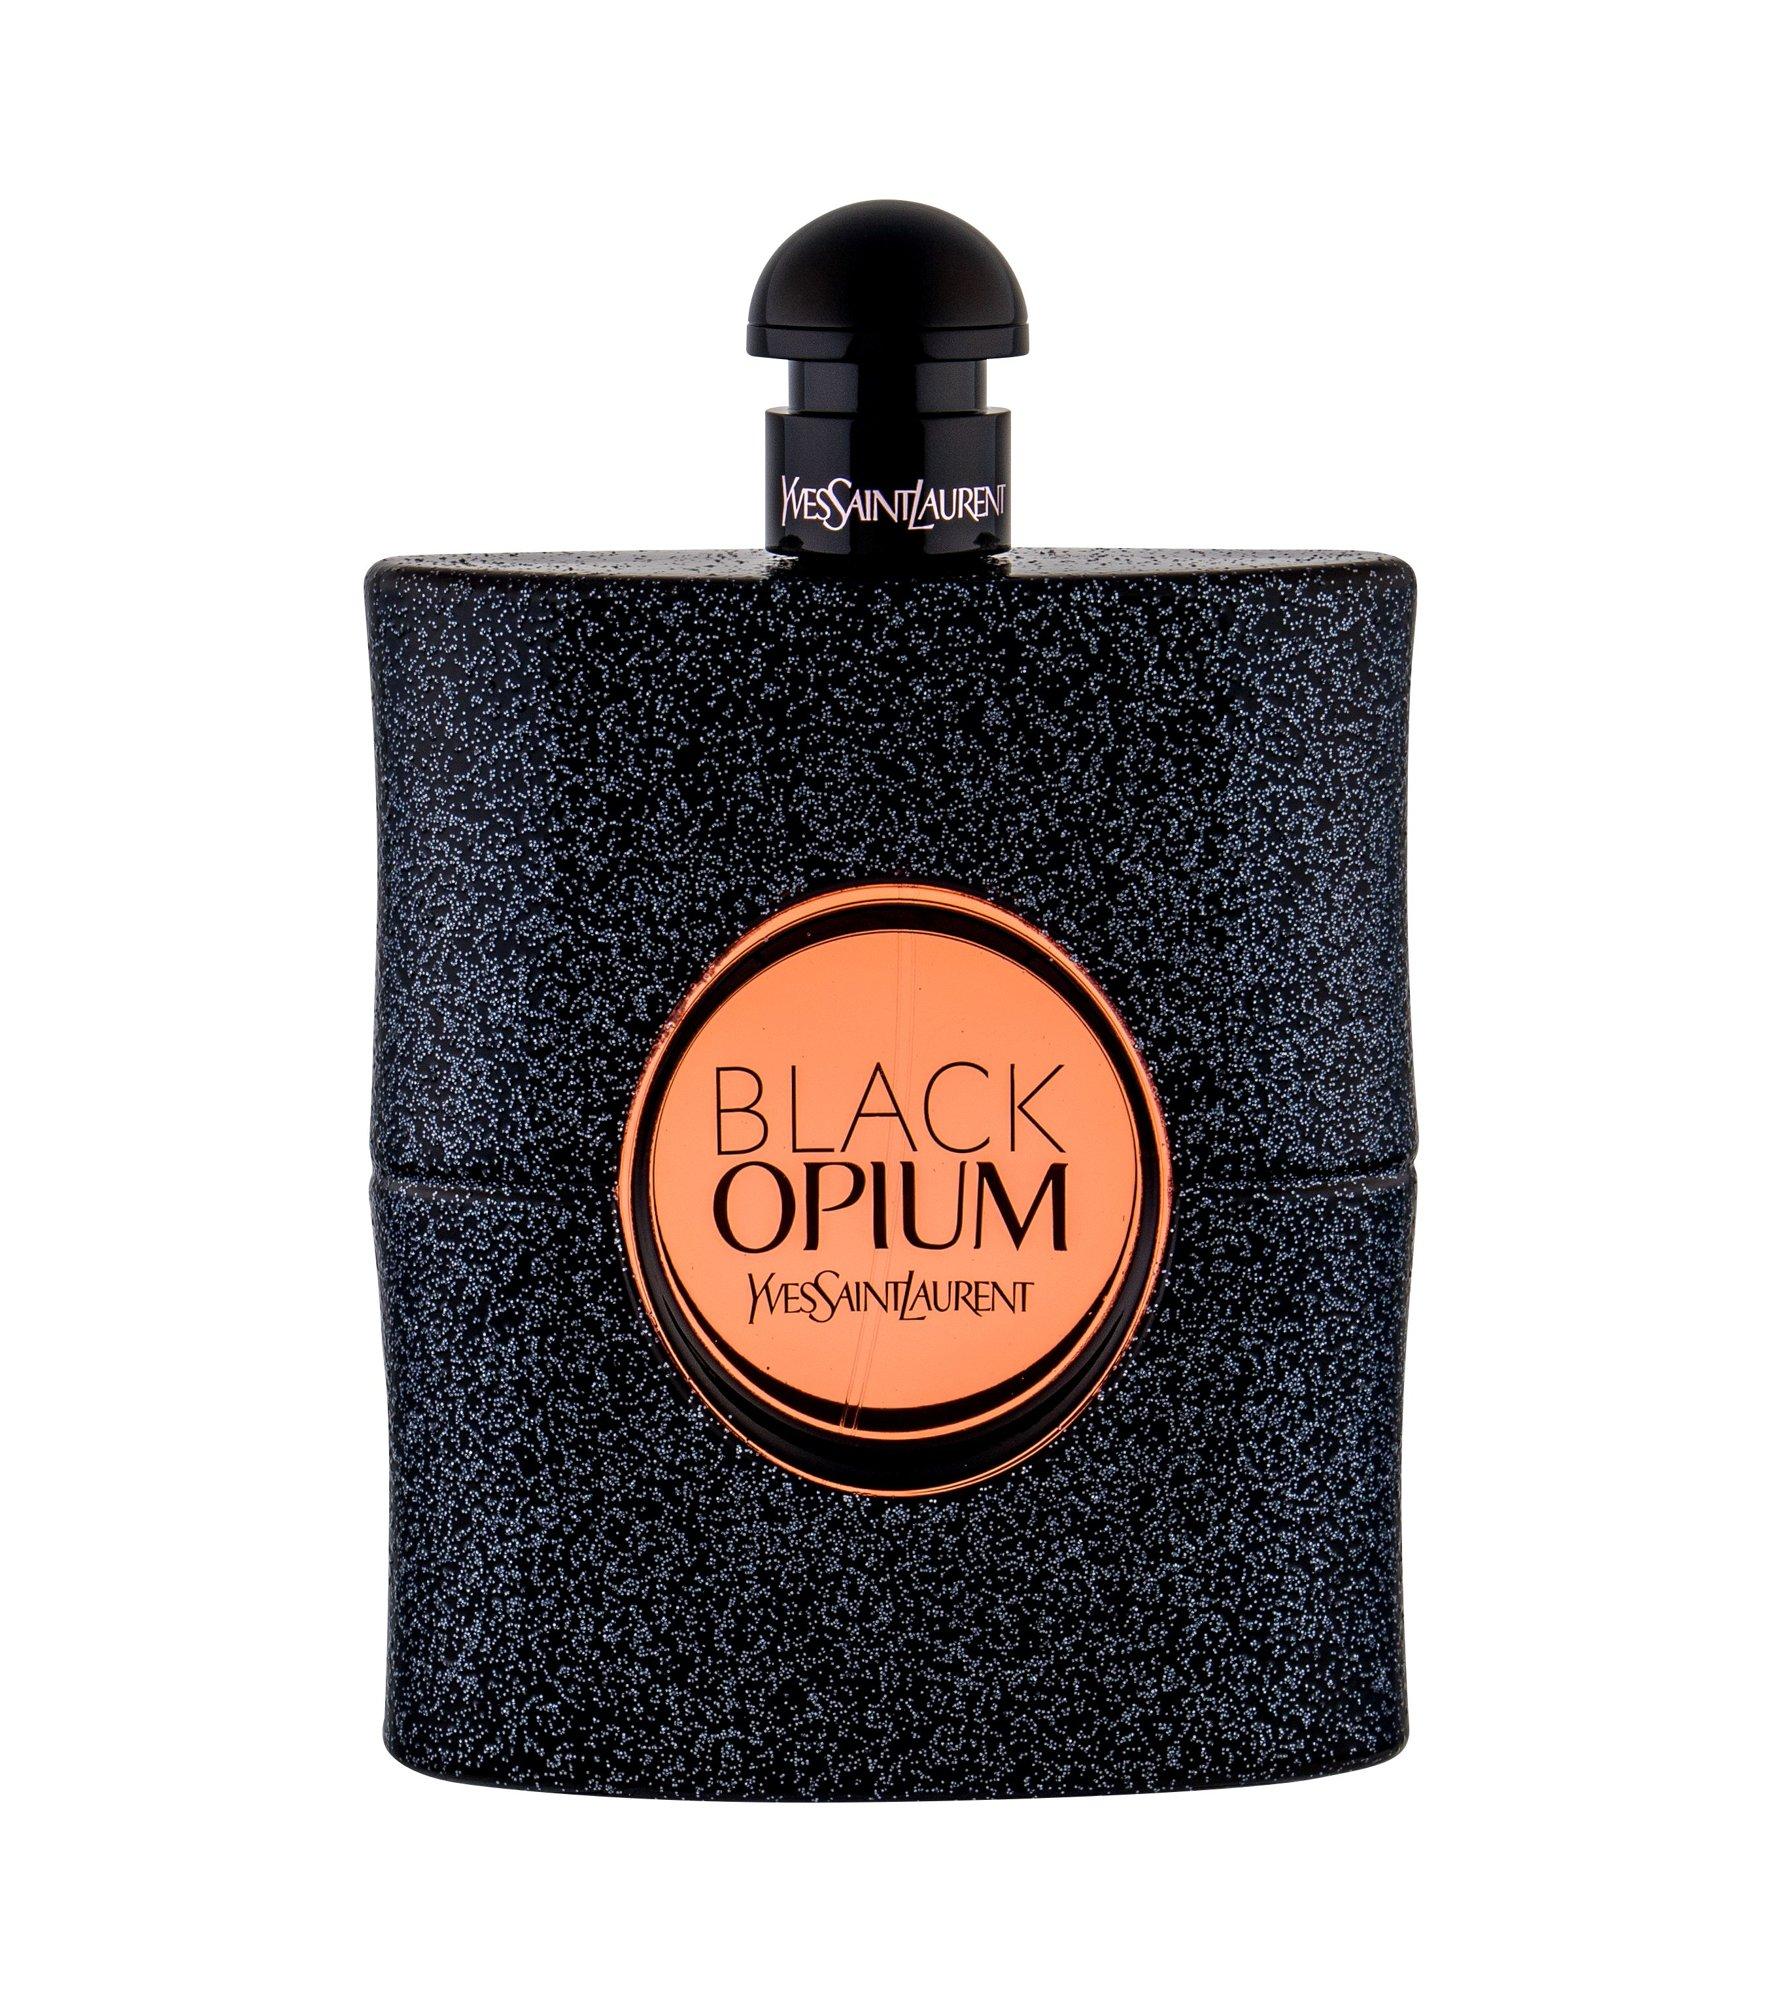 Yves Saint Laurent Black Opium Eau de Parfum 150ml